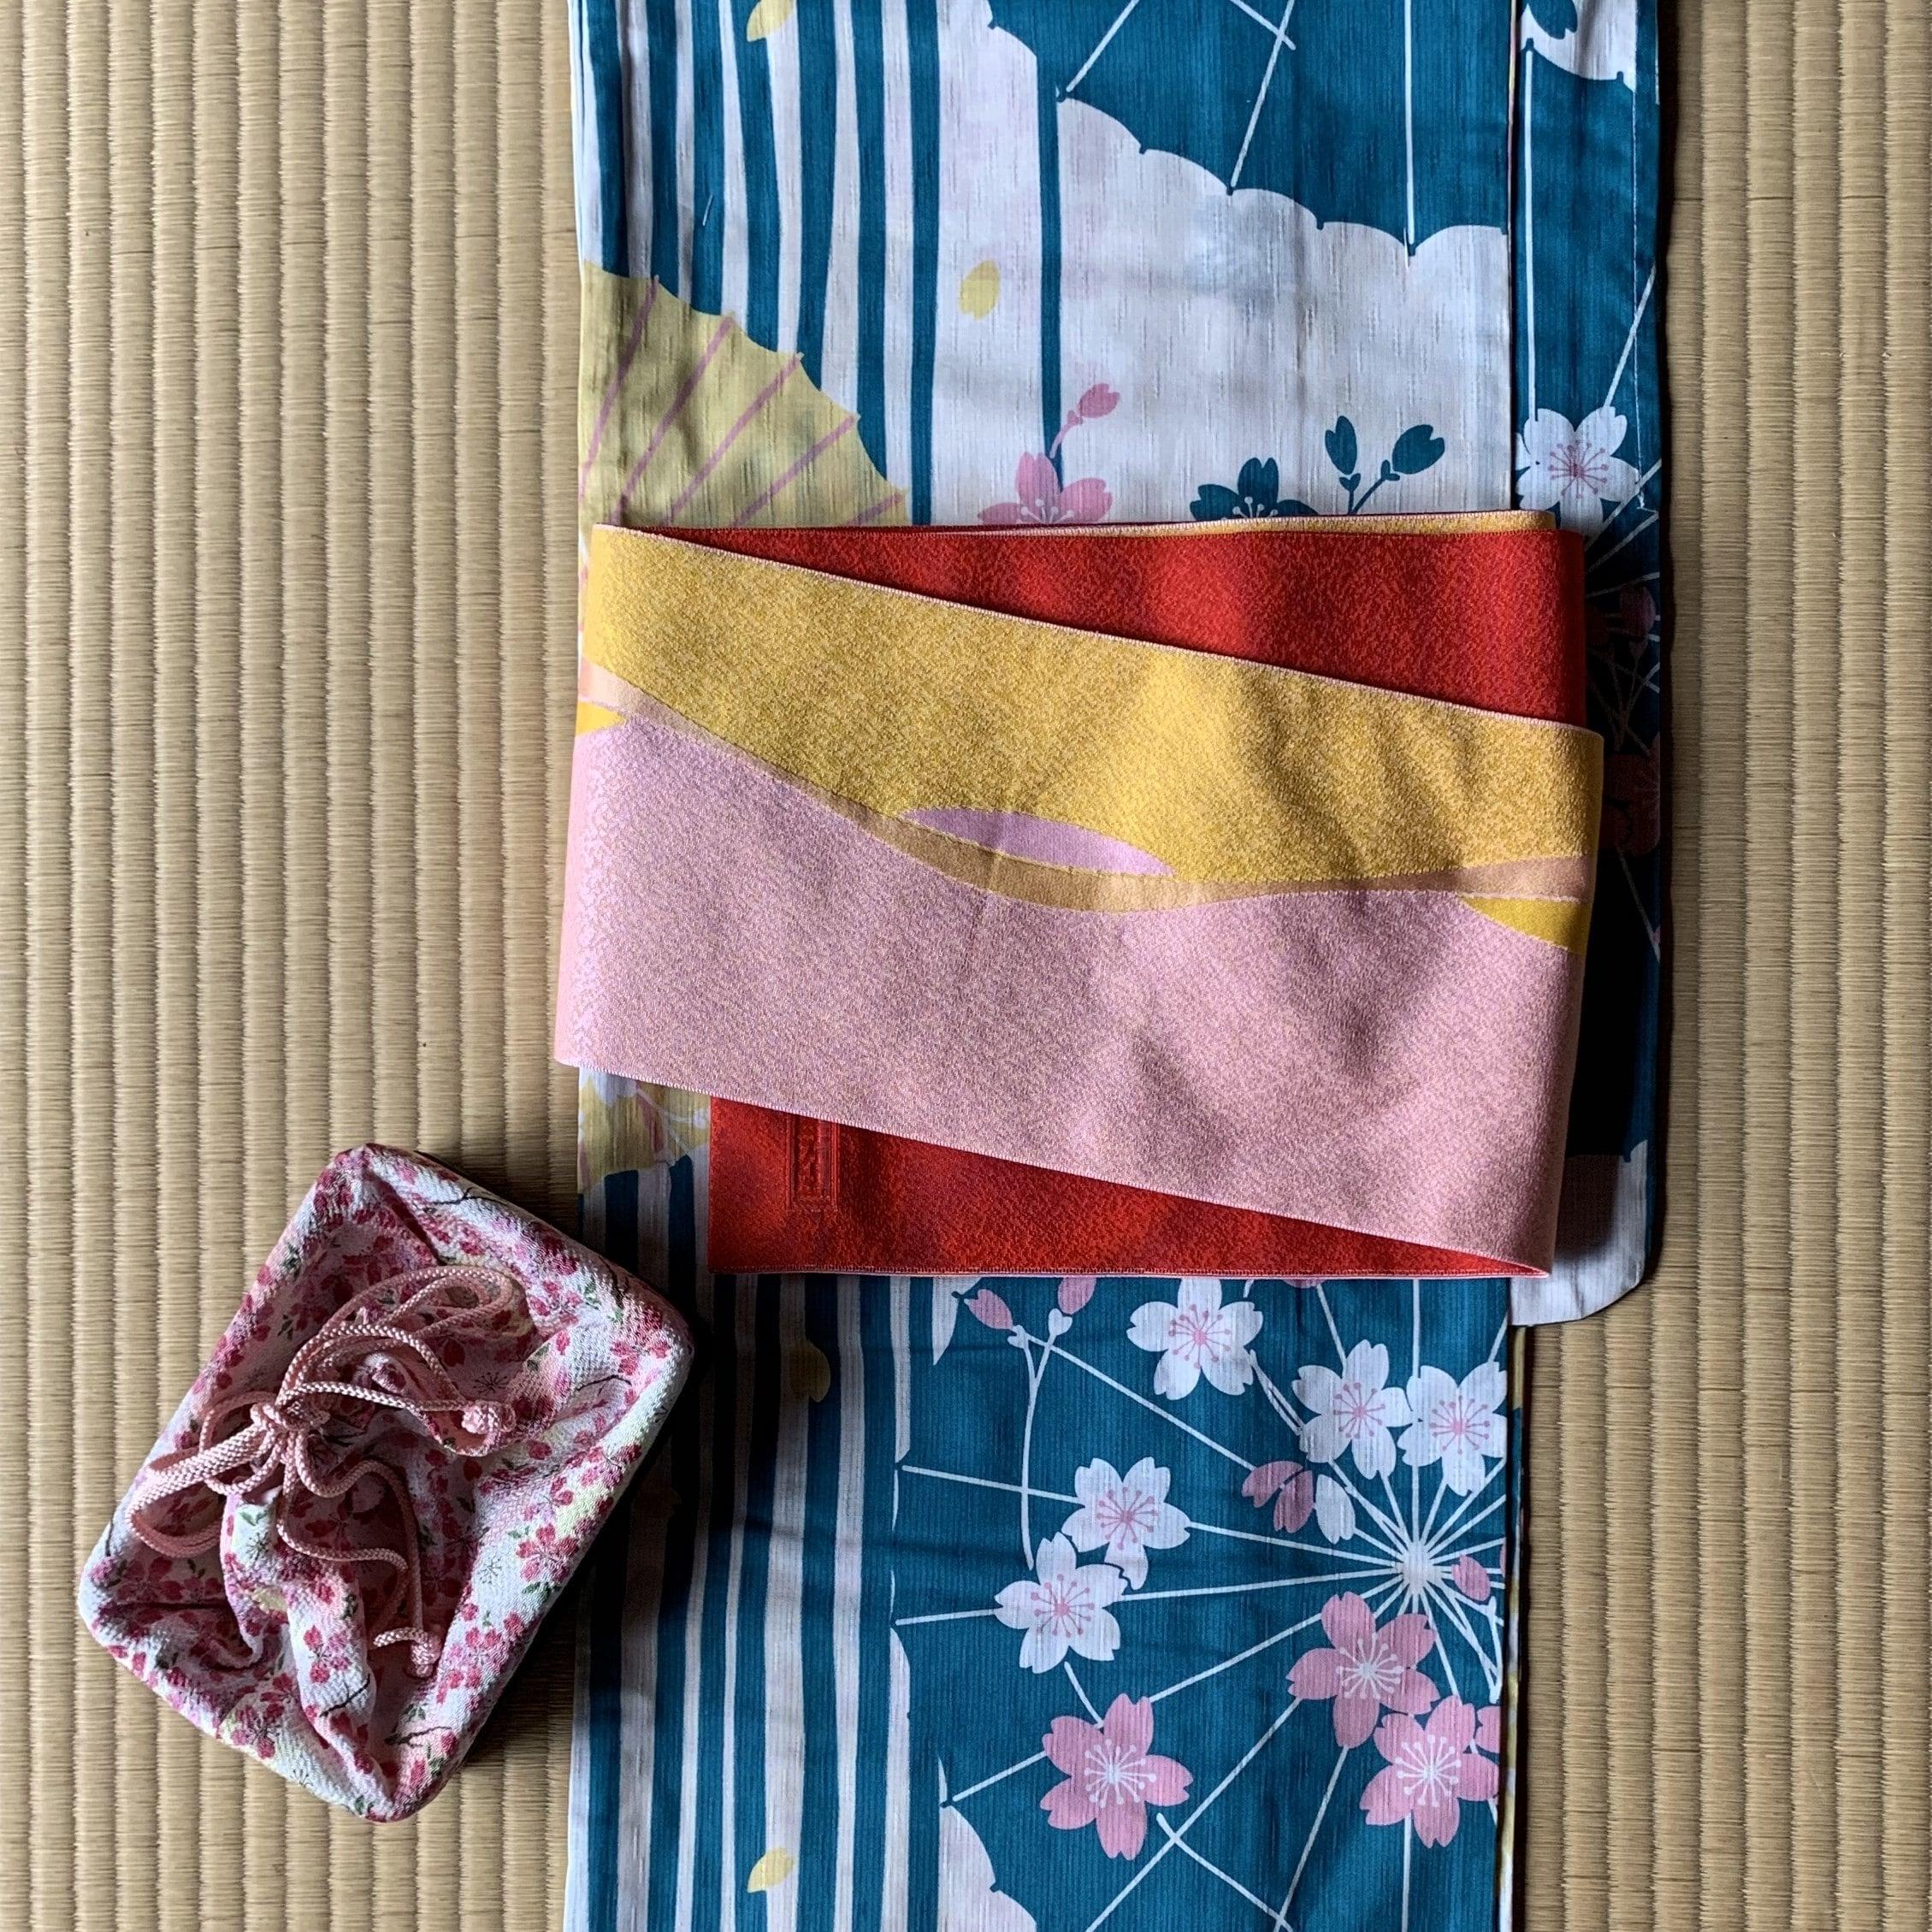 前田様専用浴衣フルセット+肌着セット+プレゼント付きお買得ウェブチケットのイメージその3